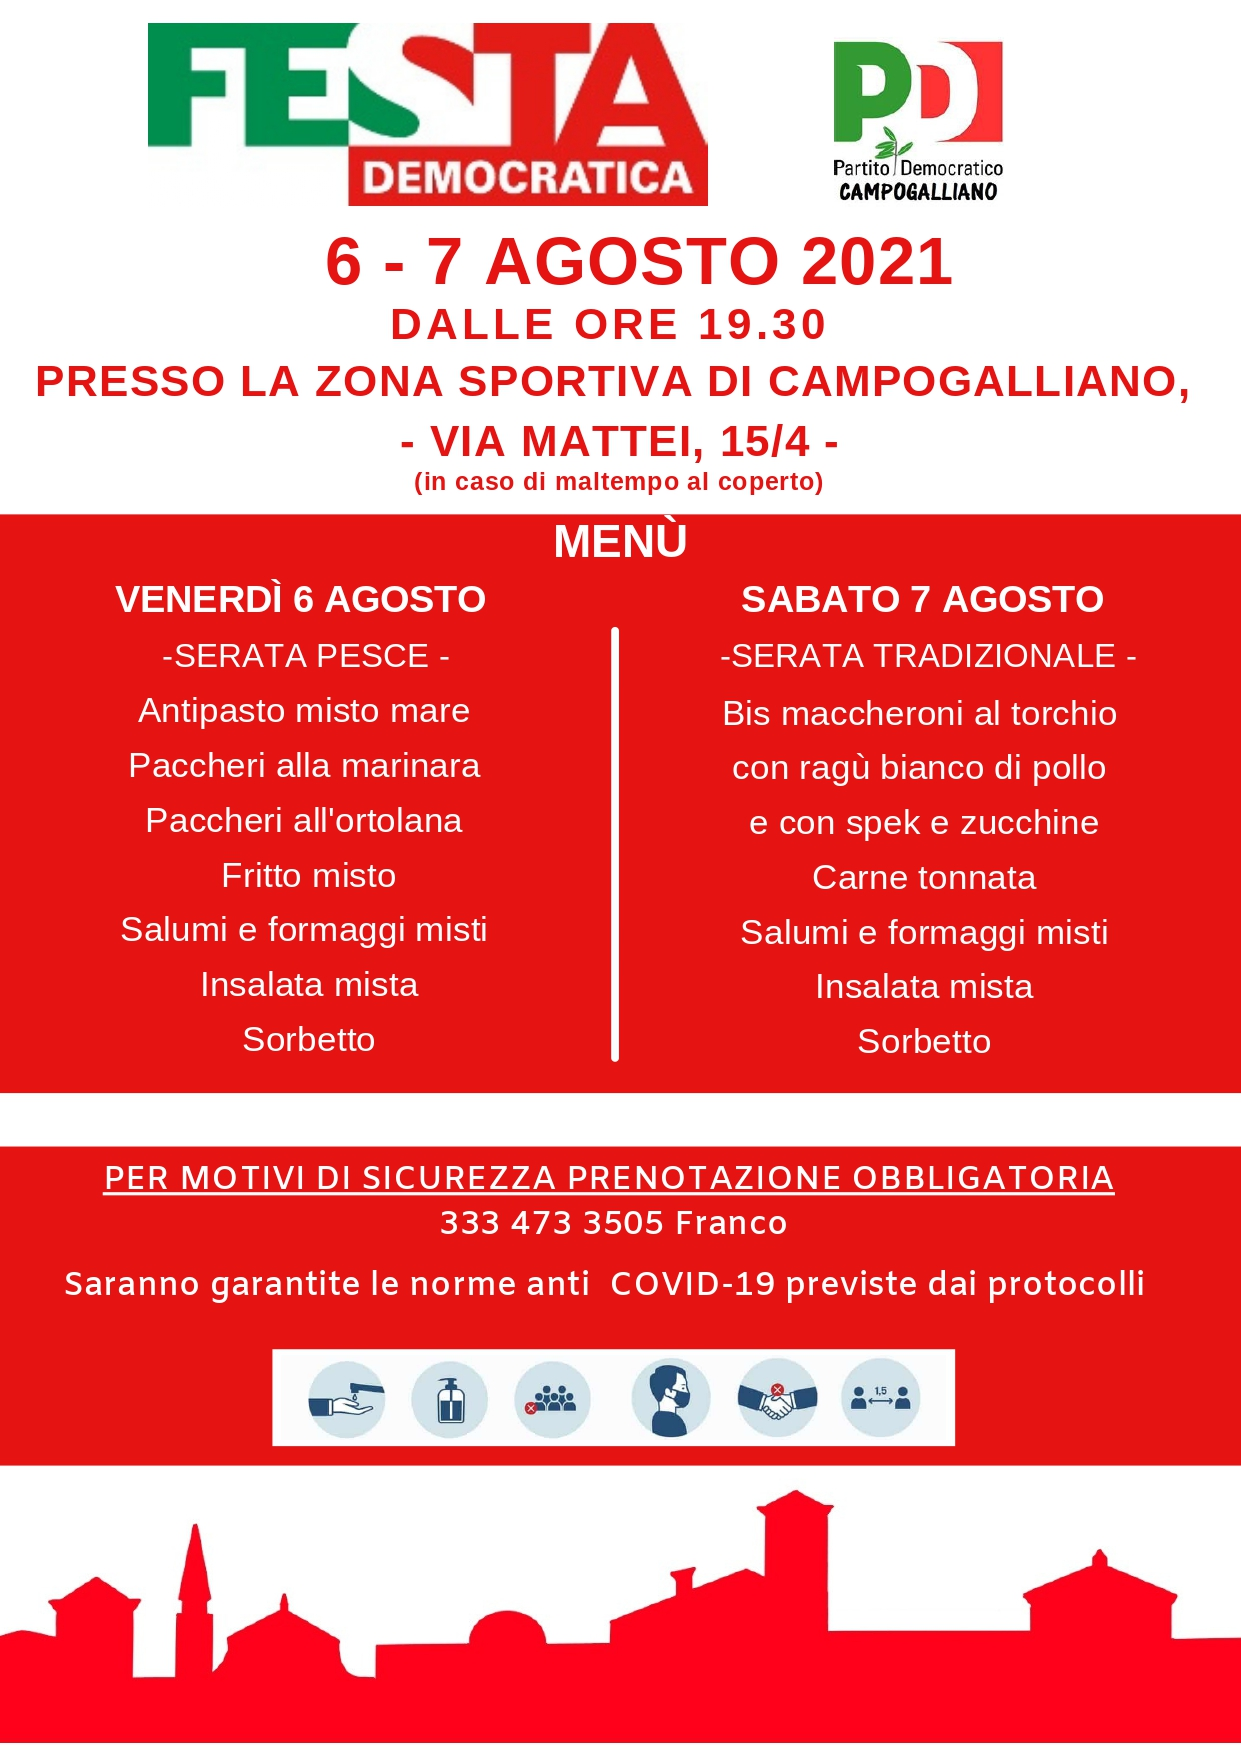 Festa a Campogalliano